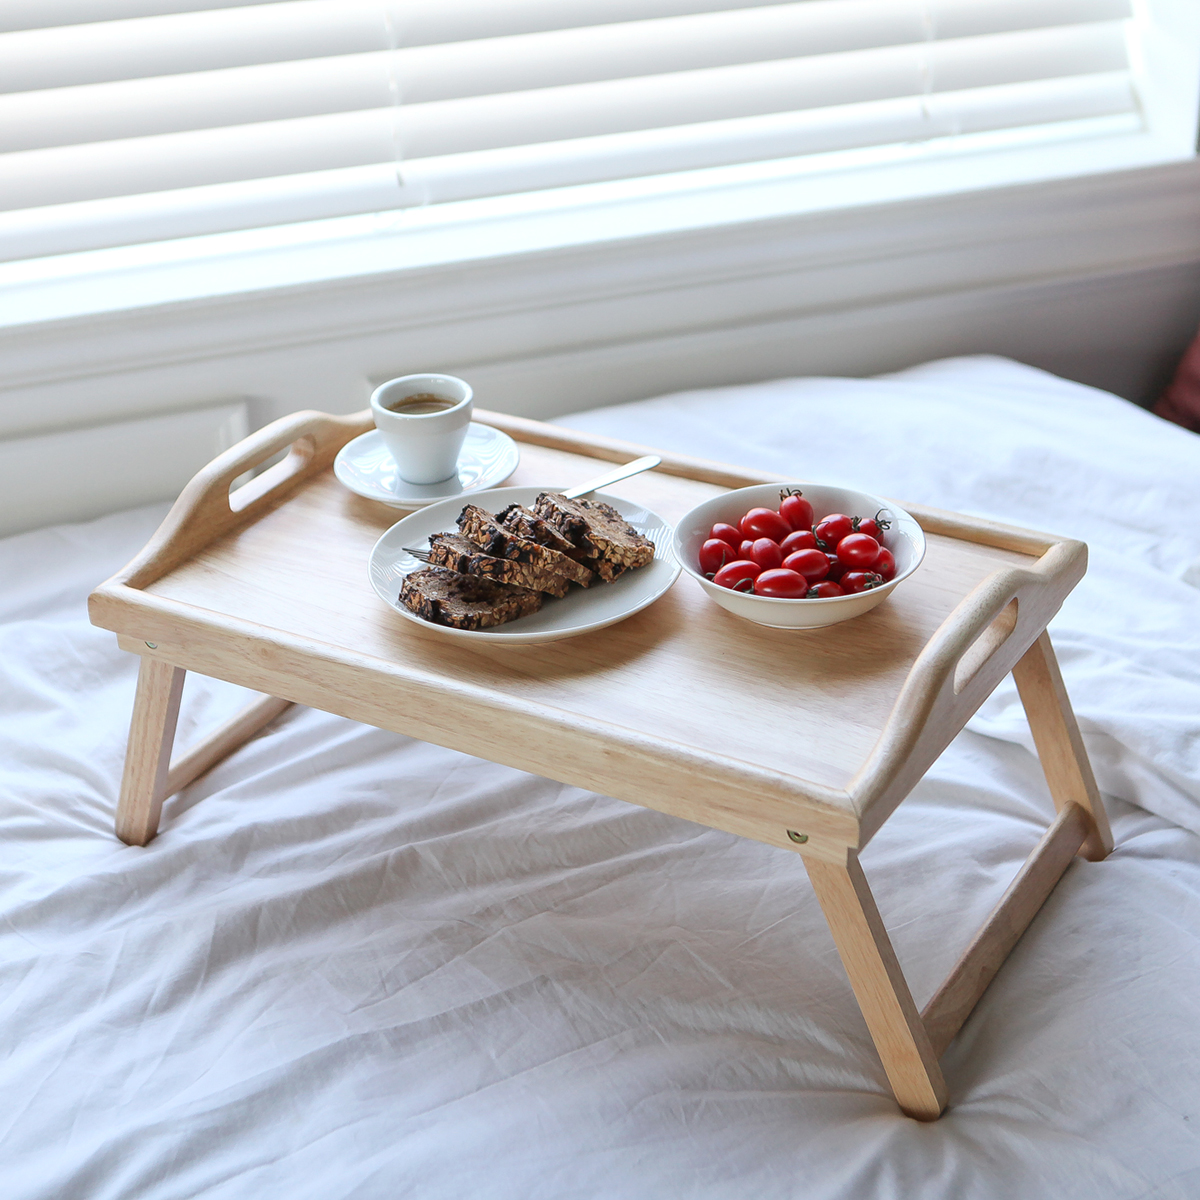 Khay Bàn Ăn Mini Gấp Gọn Bằng Gỗ Bed Tray Nội Thất Kiểu Hàn BEYOURs